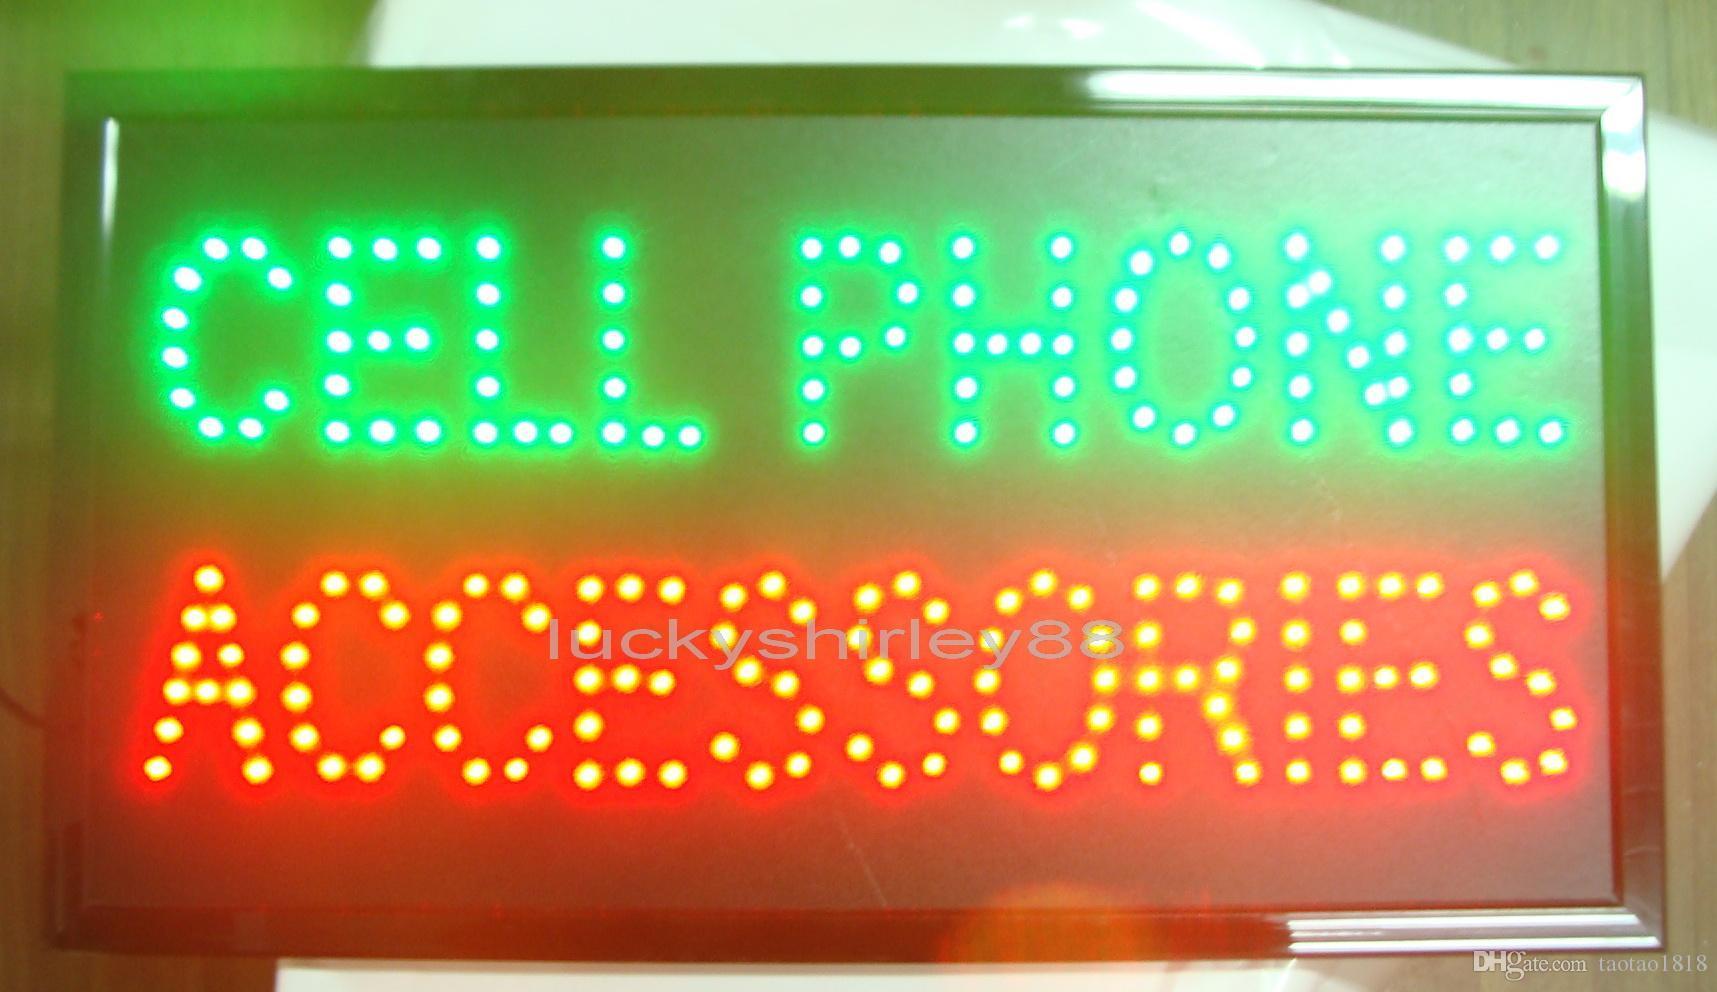 슈퍼 밝게 LED 휴대 전화 액세서리 네온 불빛 플라스틱 PVC 프레임 디스플레이 23.62 ''x13 '실내 실내 무료 배송